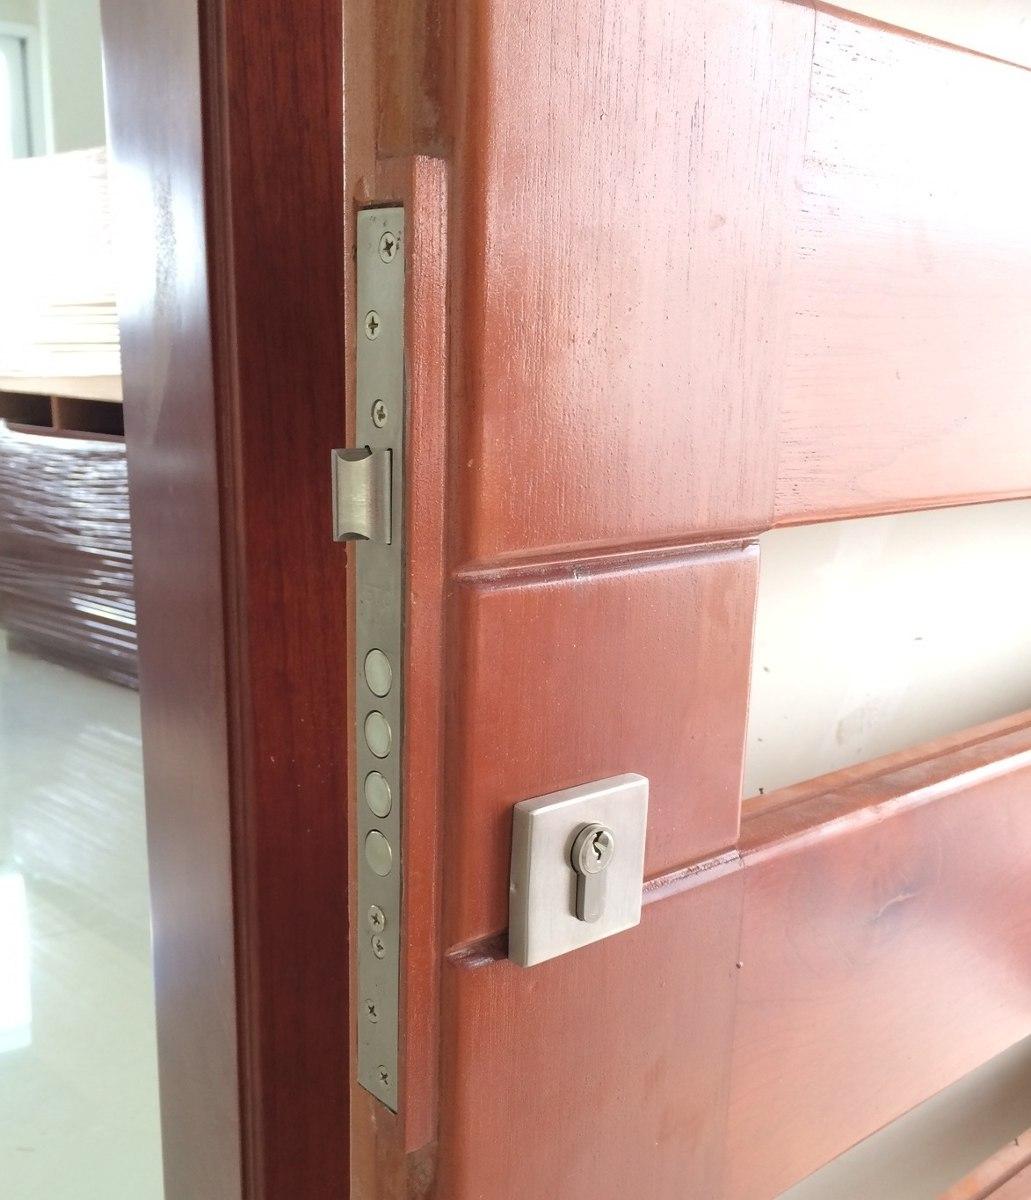 Cerradura para puerta de m xima seguridad 4 pasadores - Puertas de seguridad para casas ...